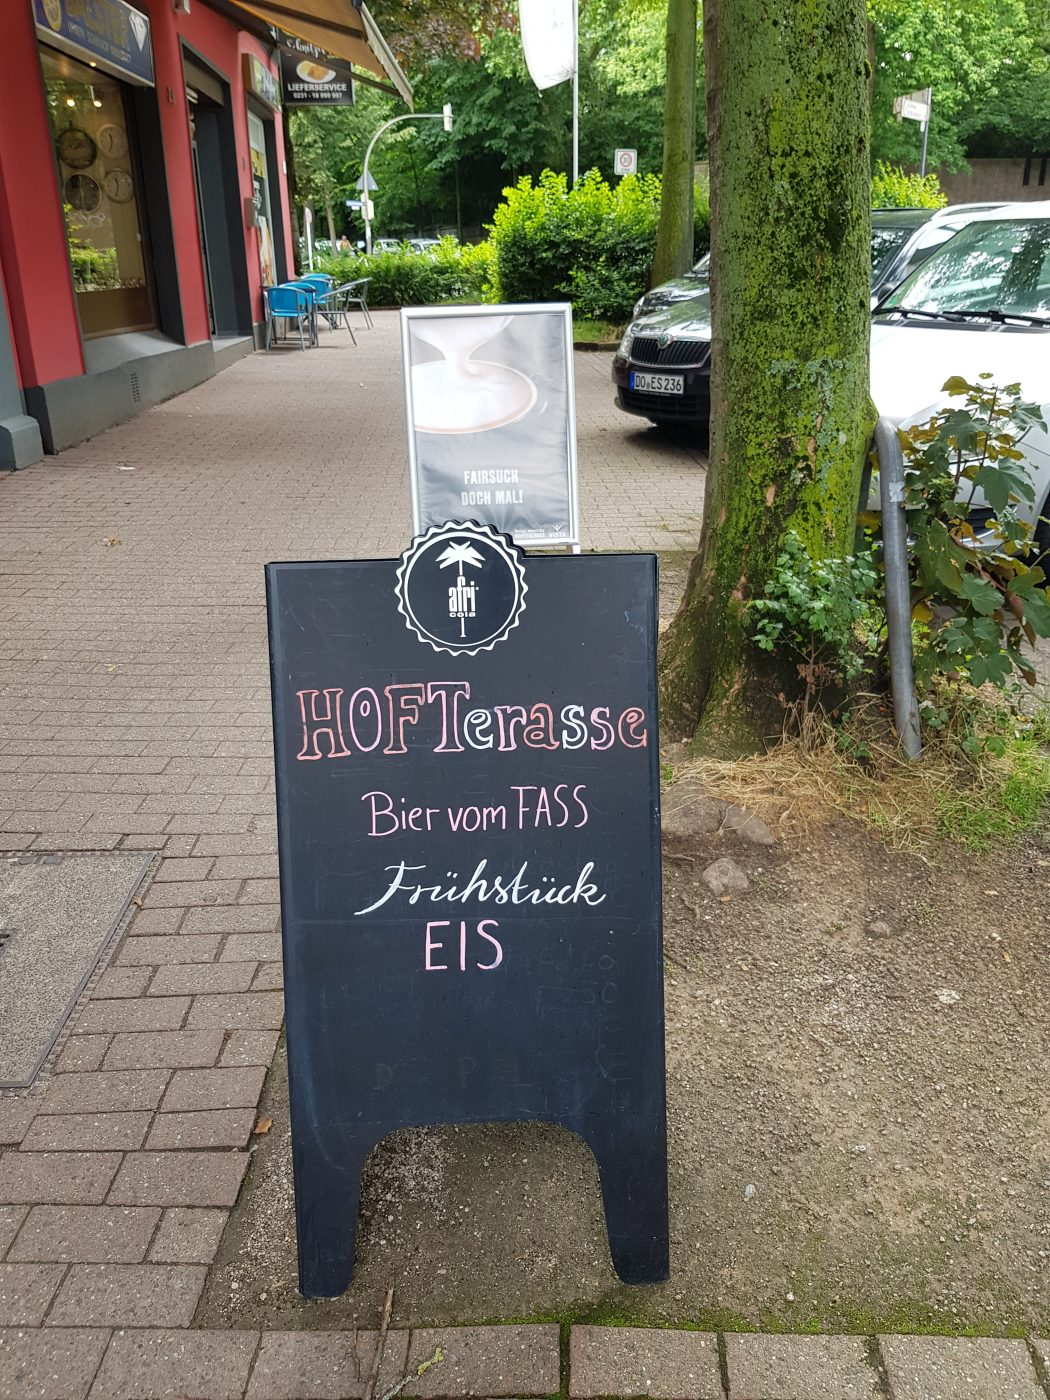 Das Foto zeigt eine Tafel des Café Rot in Dortmund